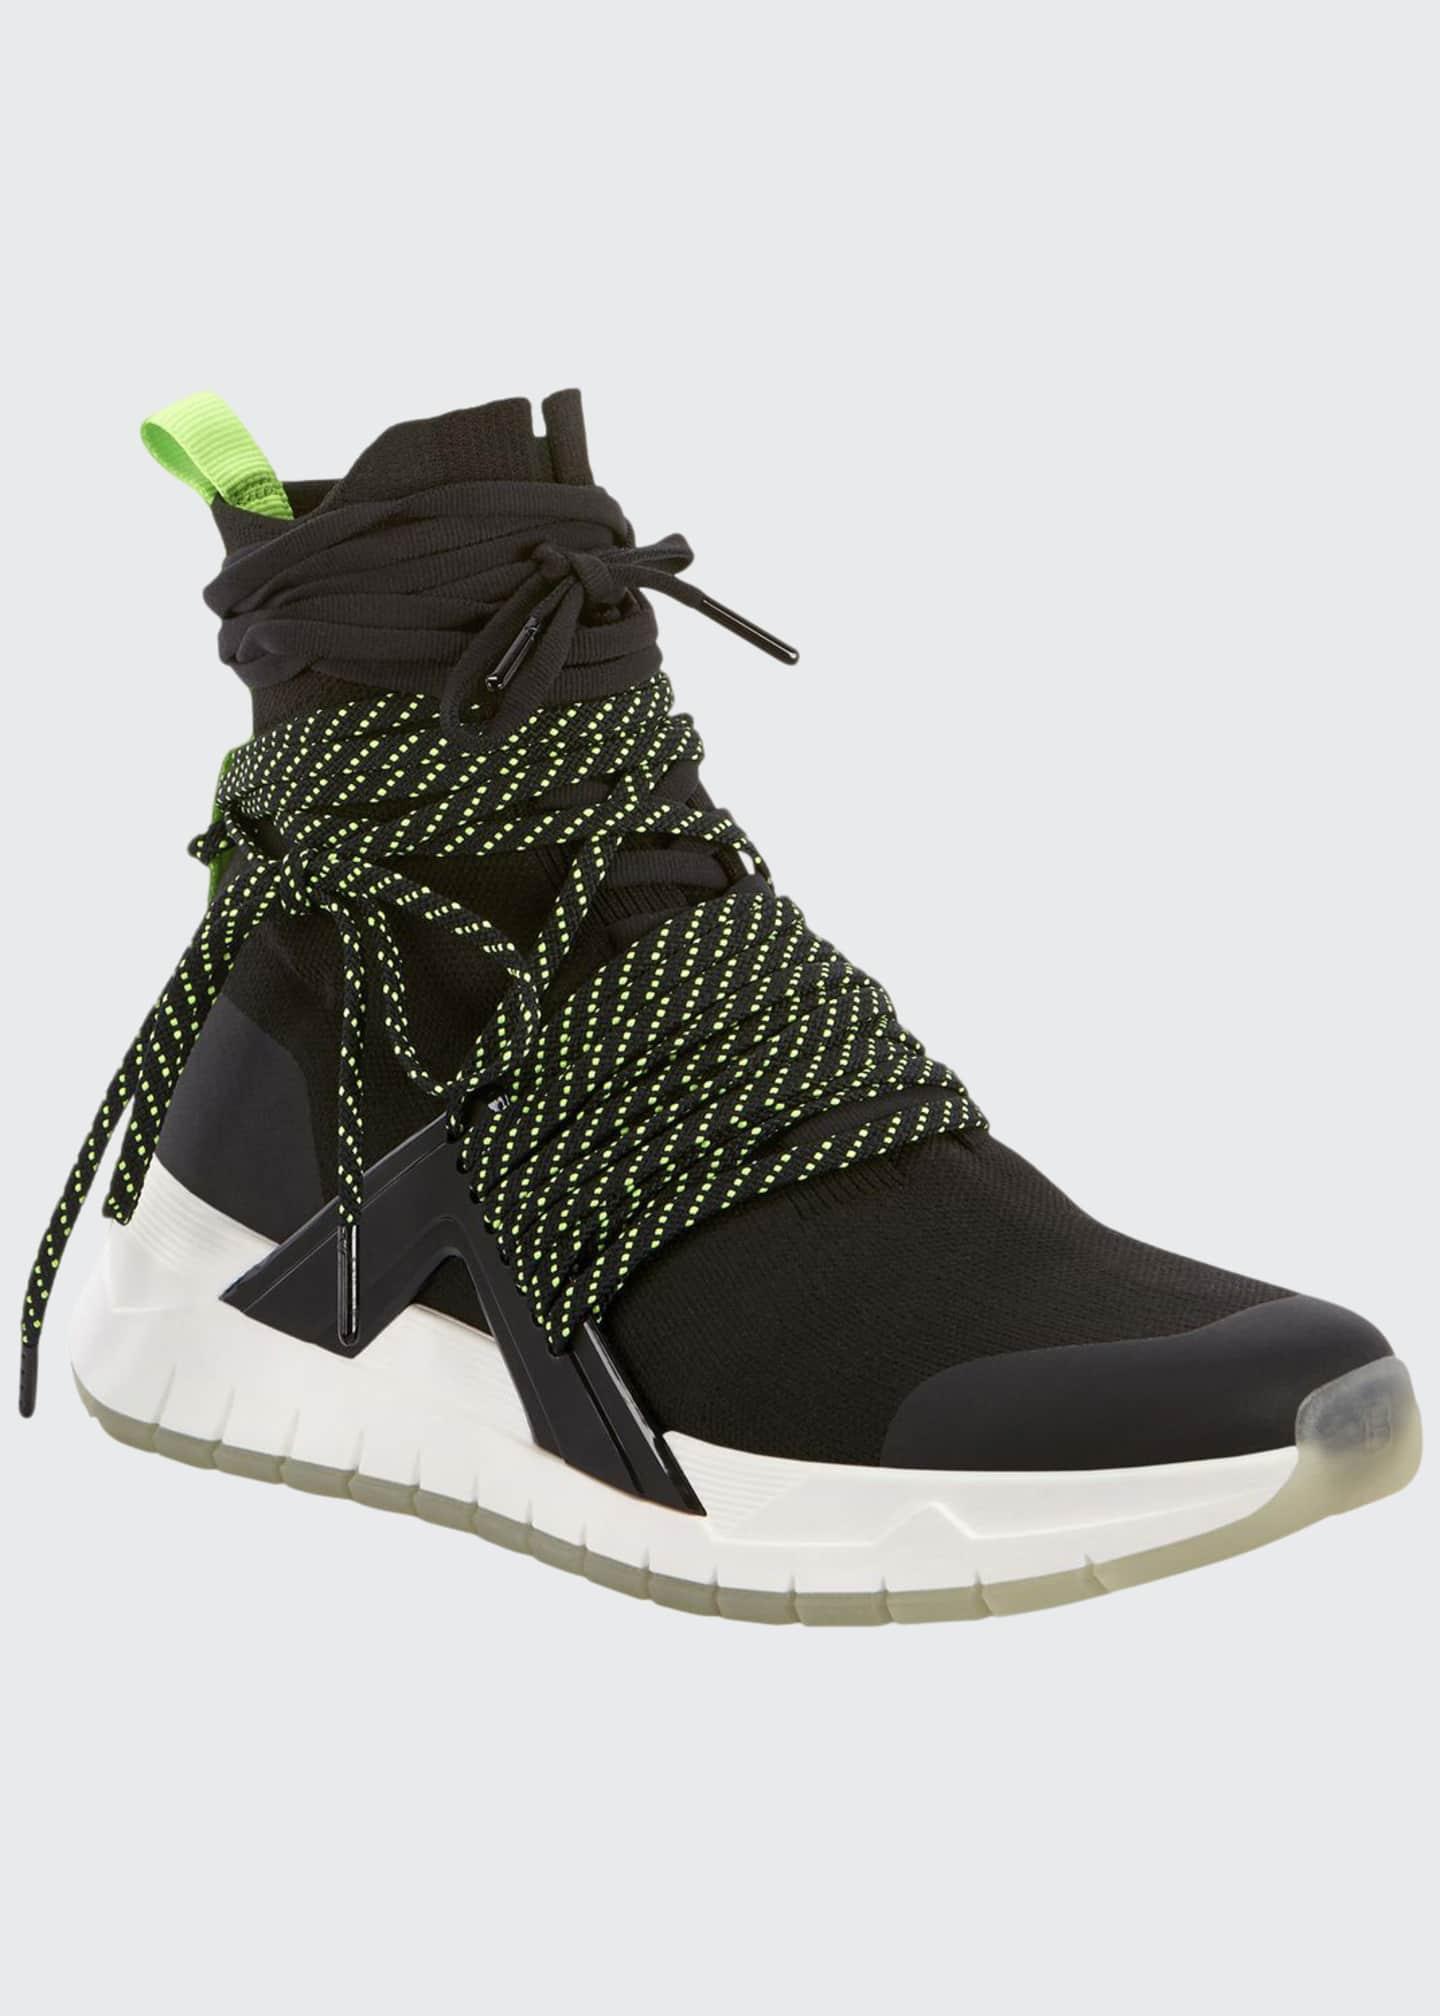 Balmain Men's Troop Multi-Lace Knit Sneakers